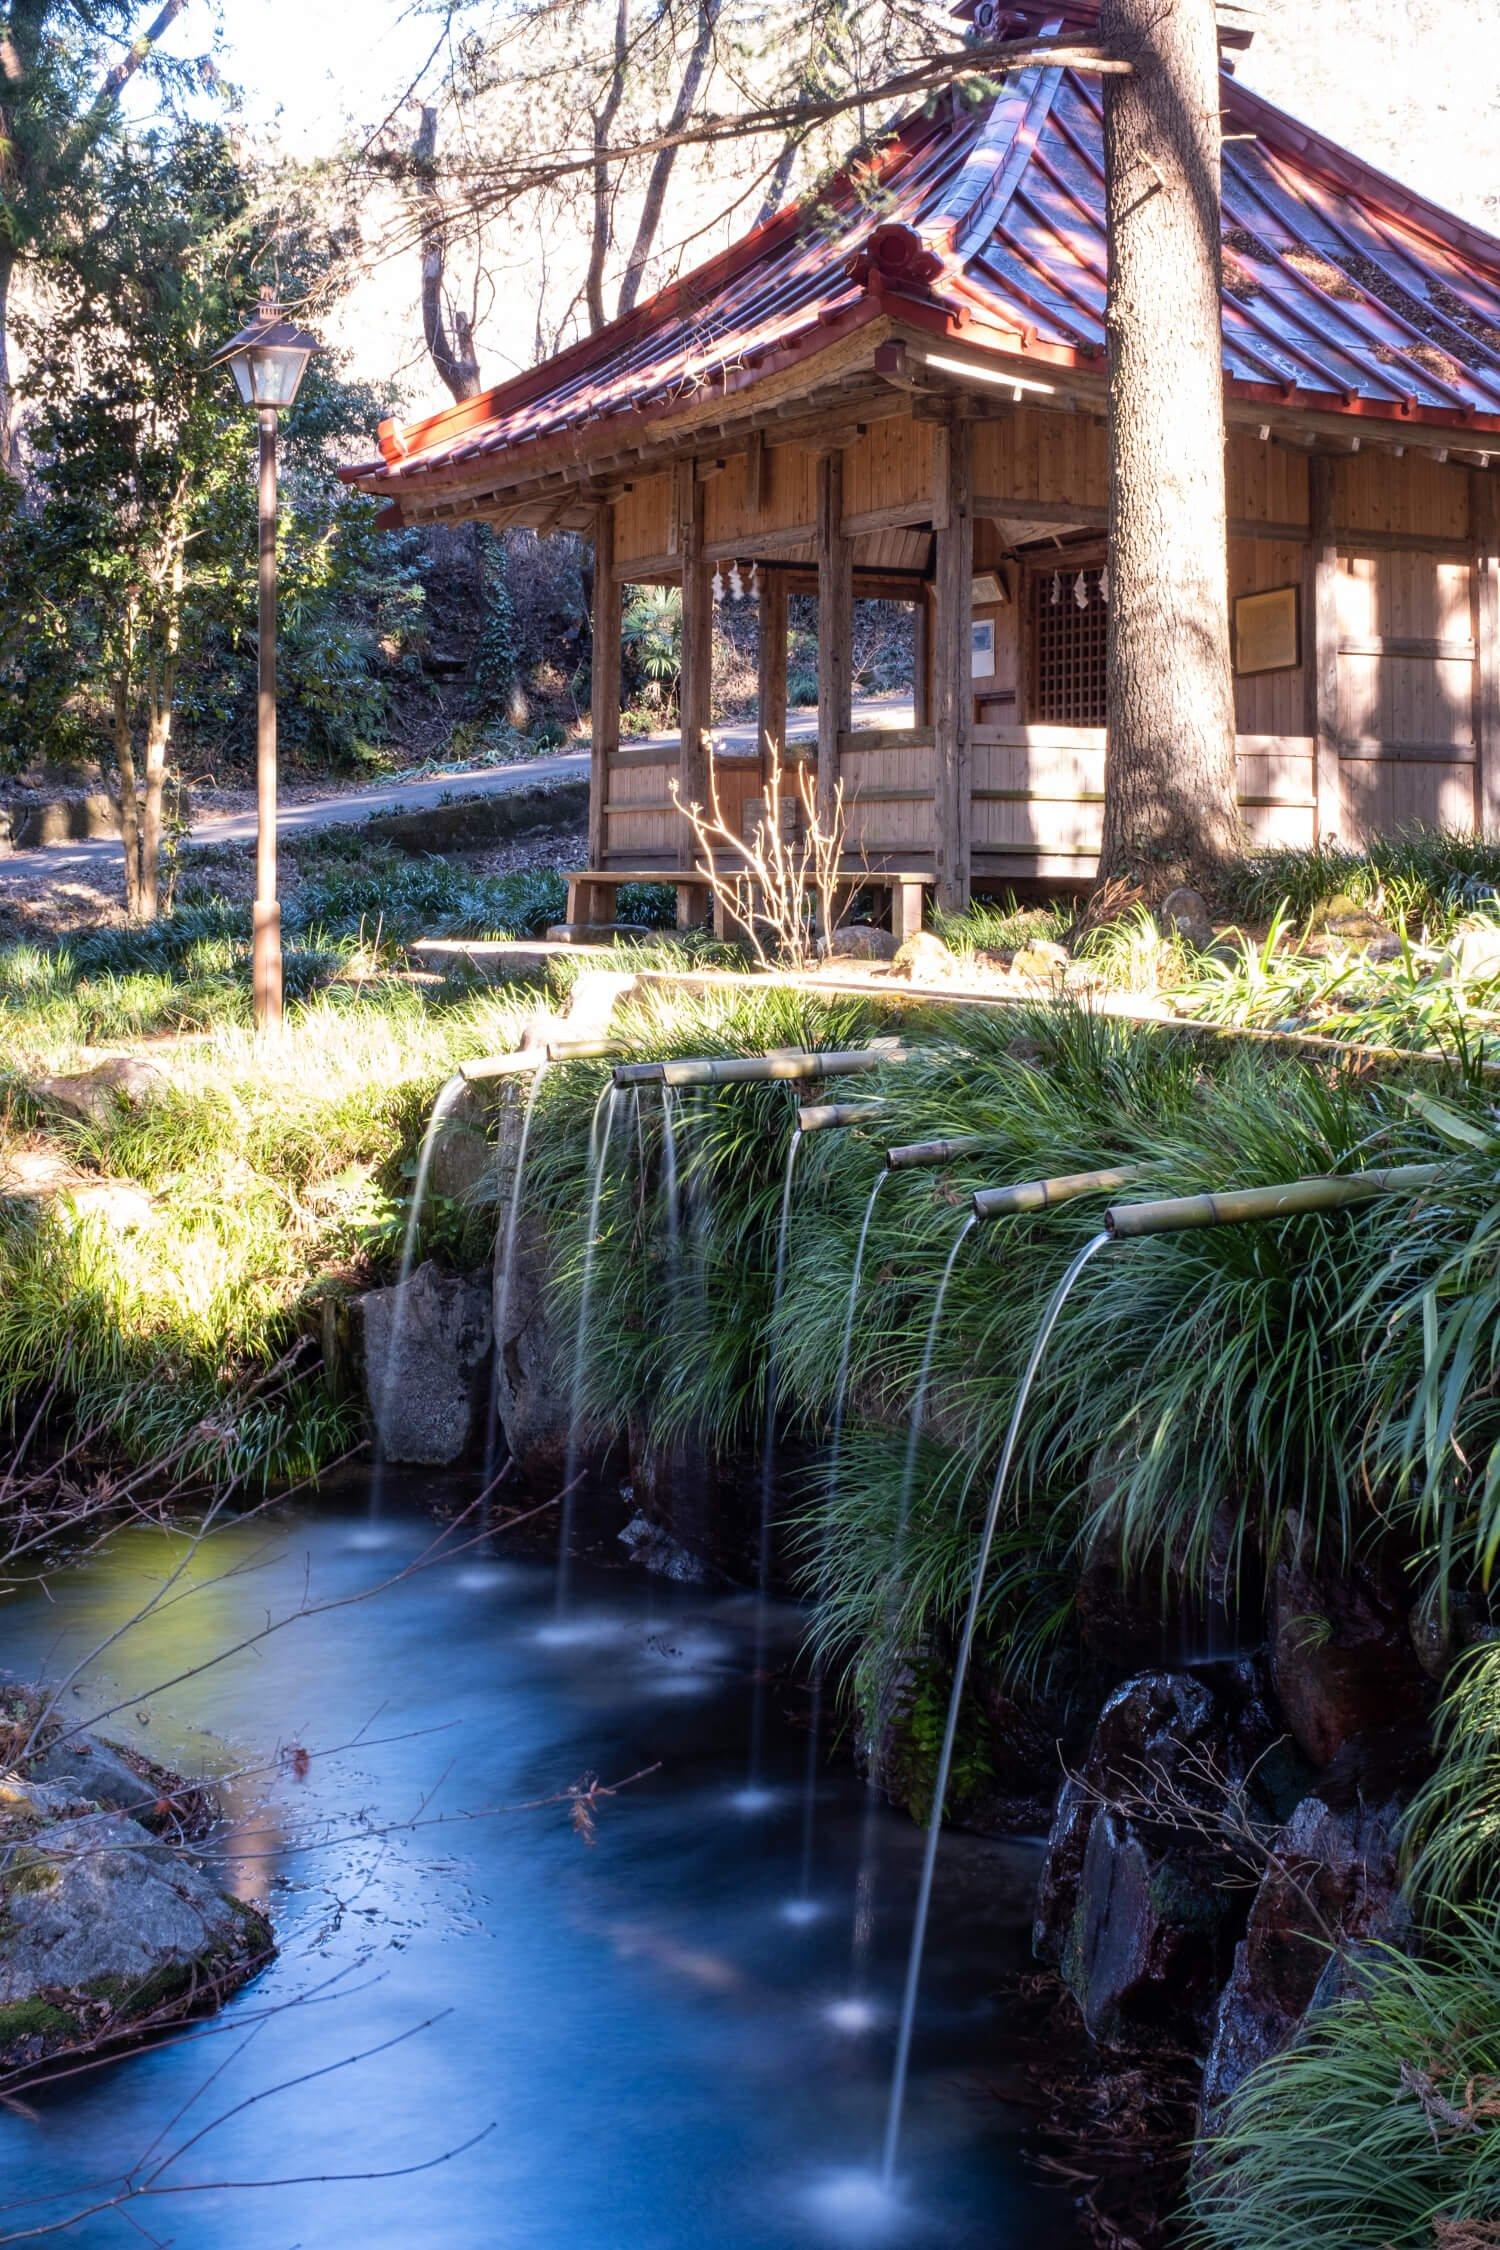 脇の不動堂と8条の筋が独特の景観を生み出している藤垈の滝。